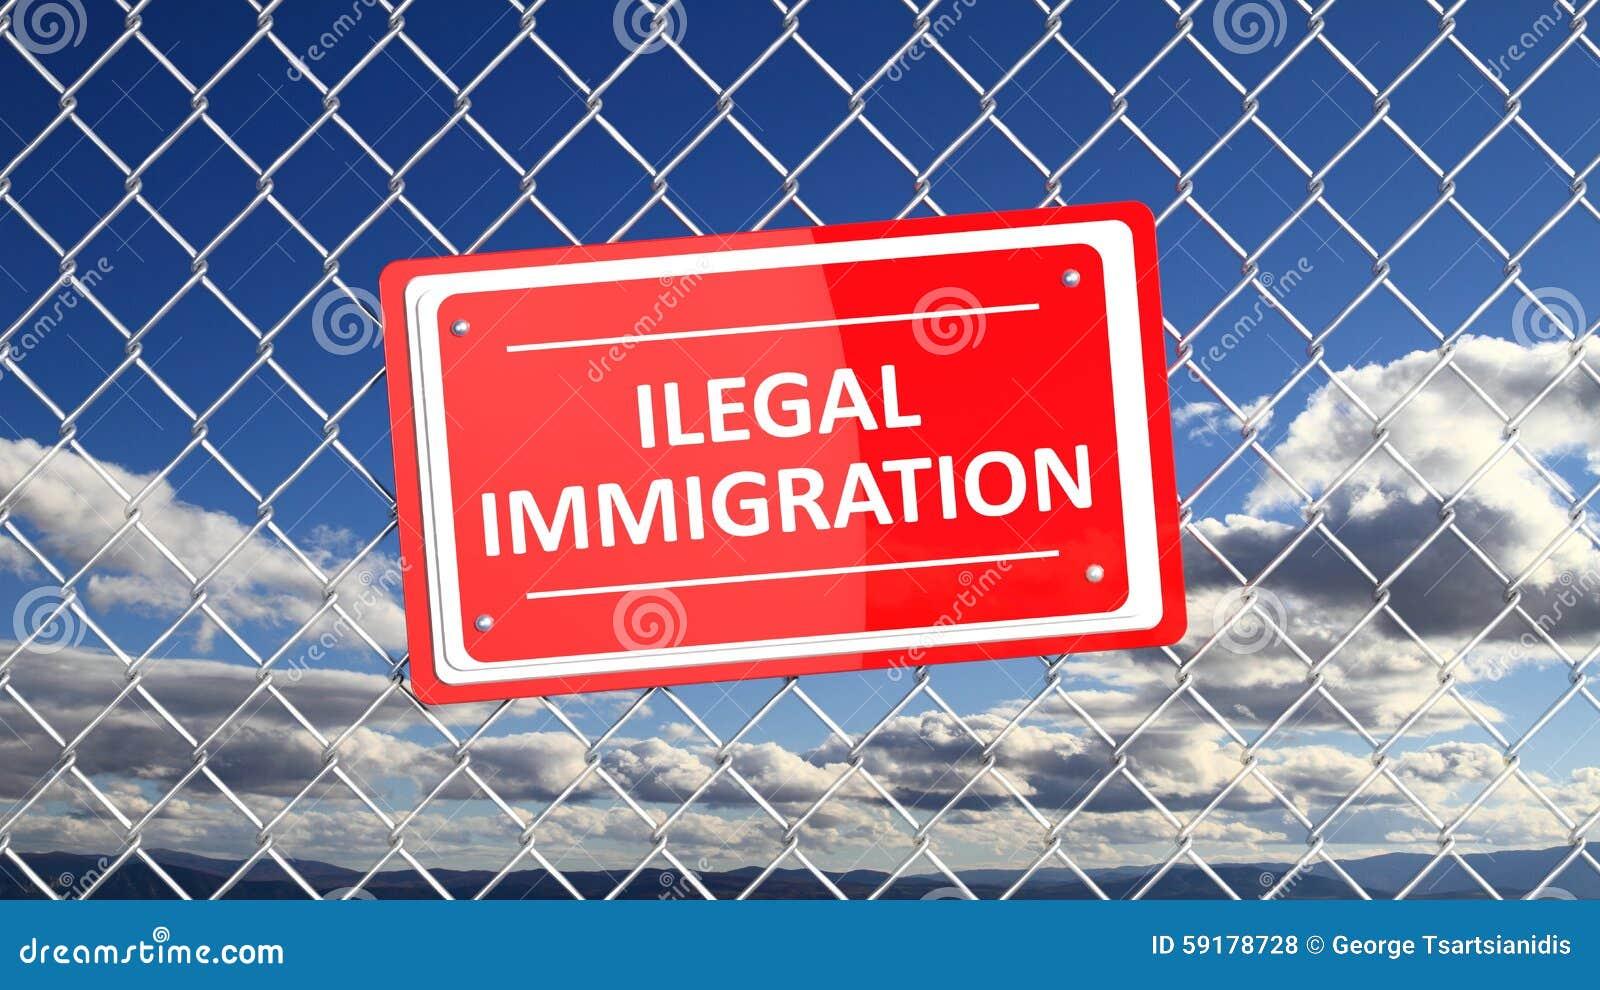 Three Essays on Illegal Immigration